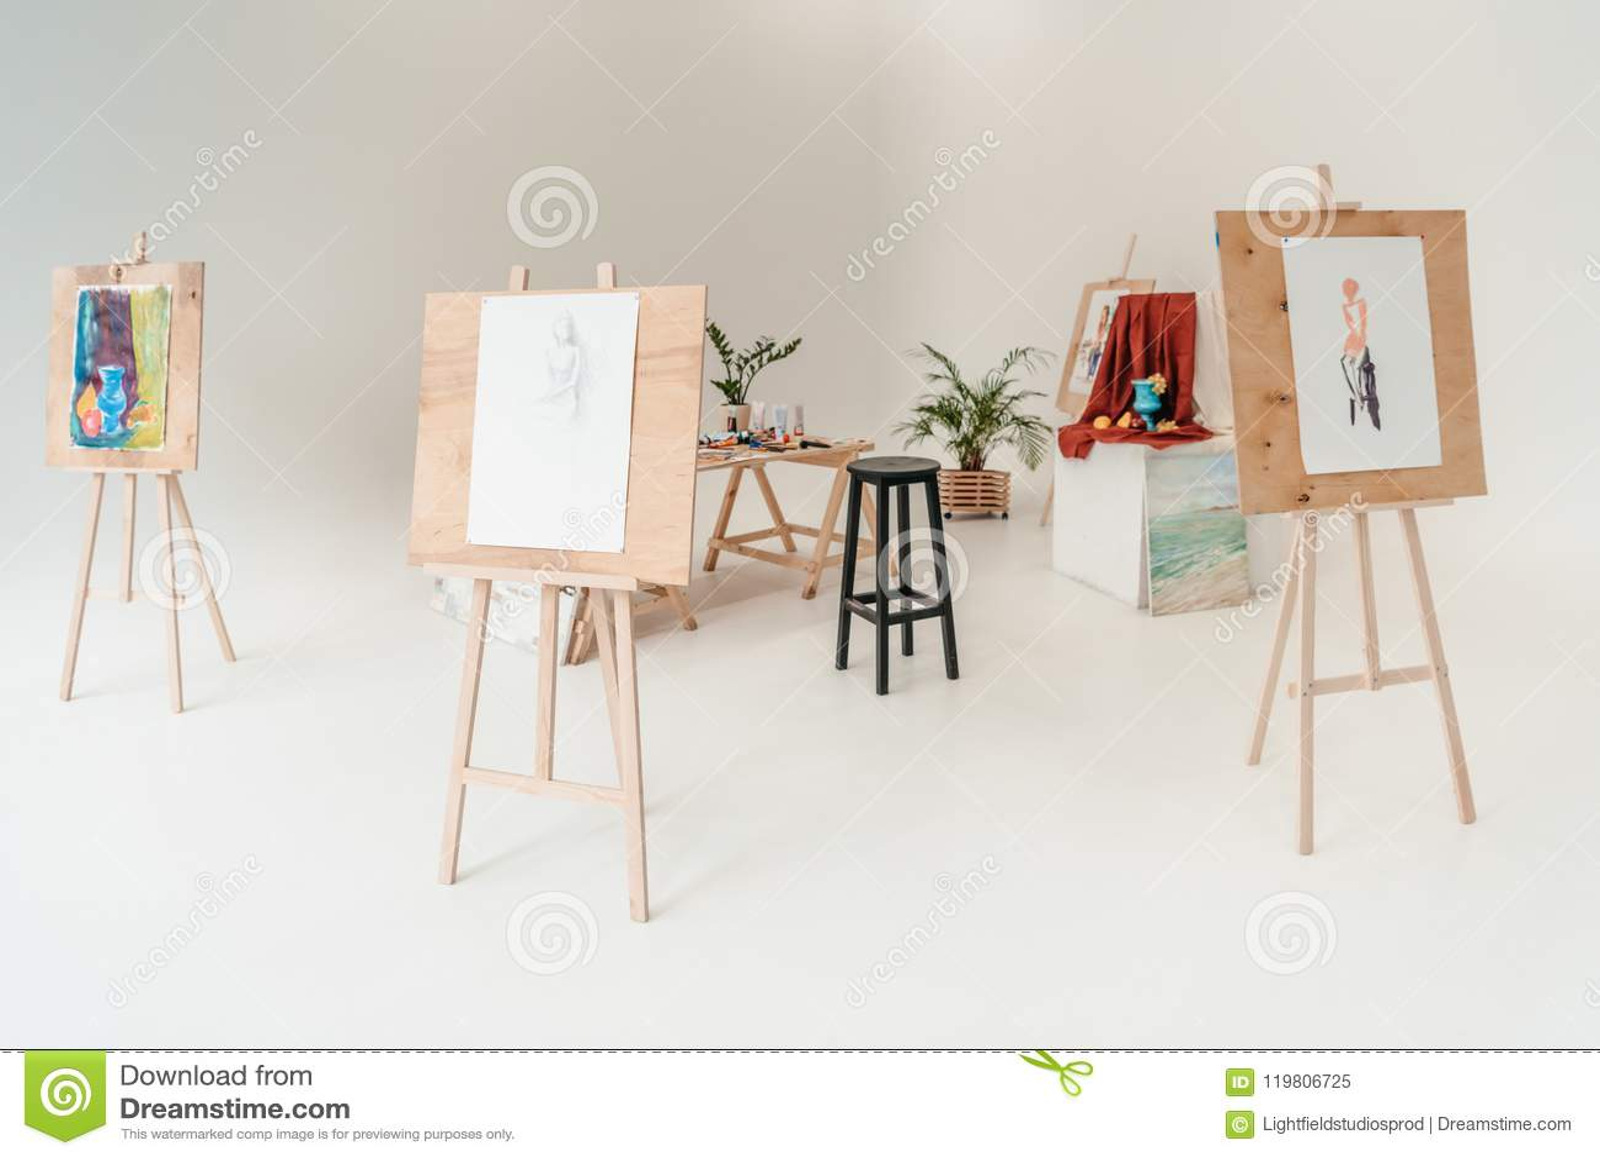 Staffli med målningar i tomt